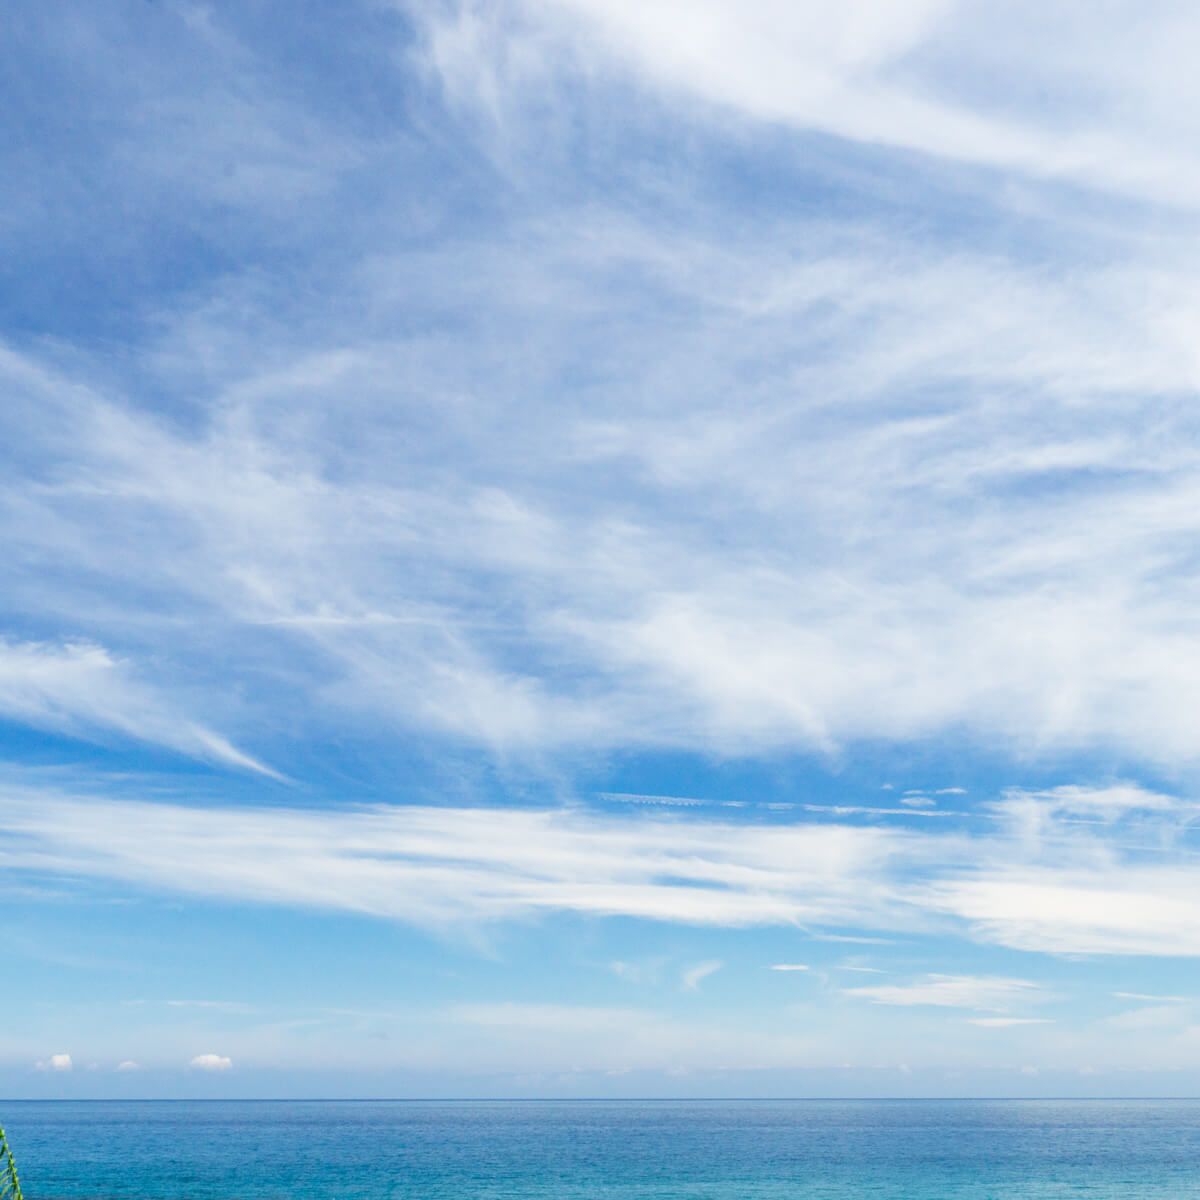 屋久島の空 海 屋久島日々の暮らしとジュエリー オーダーメイドマリッジリングのモチーフ